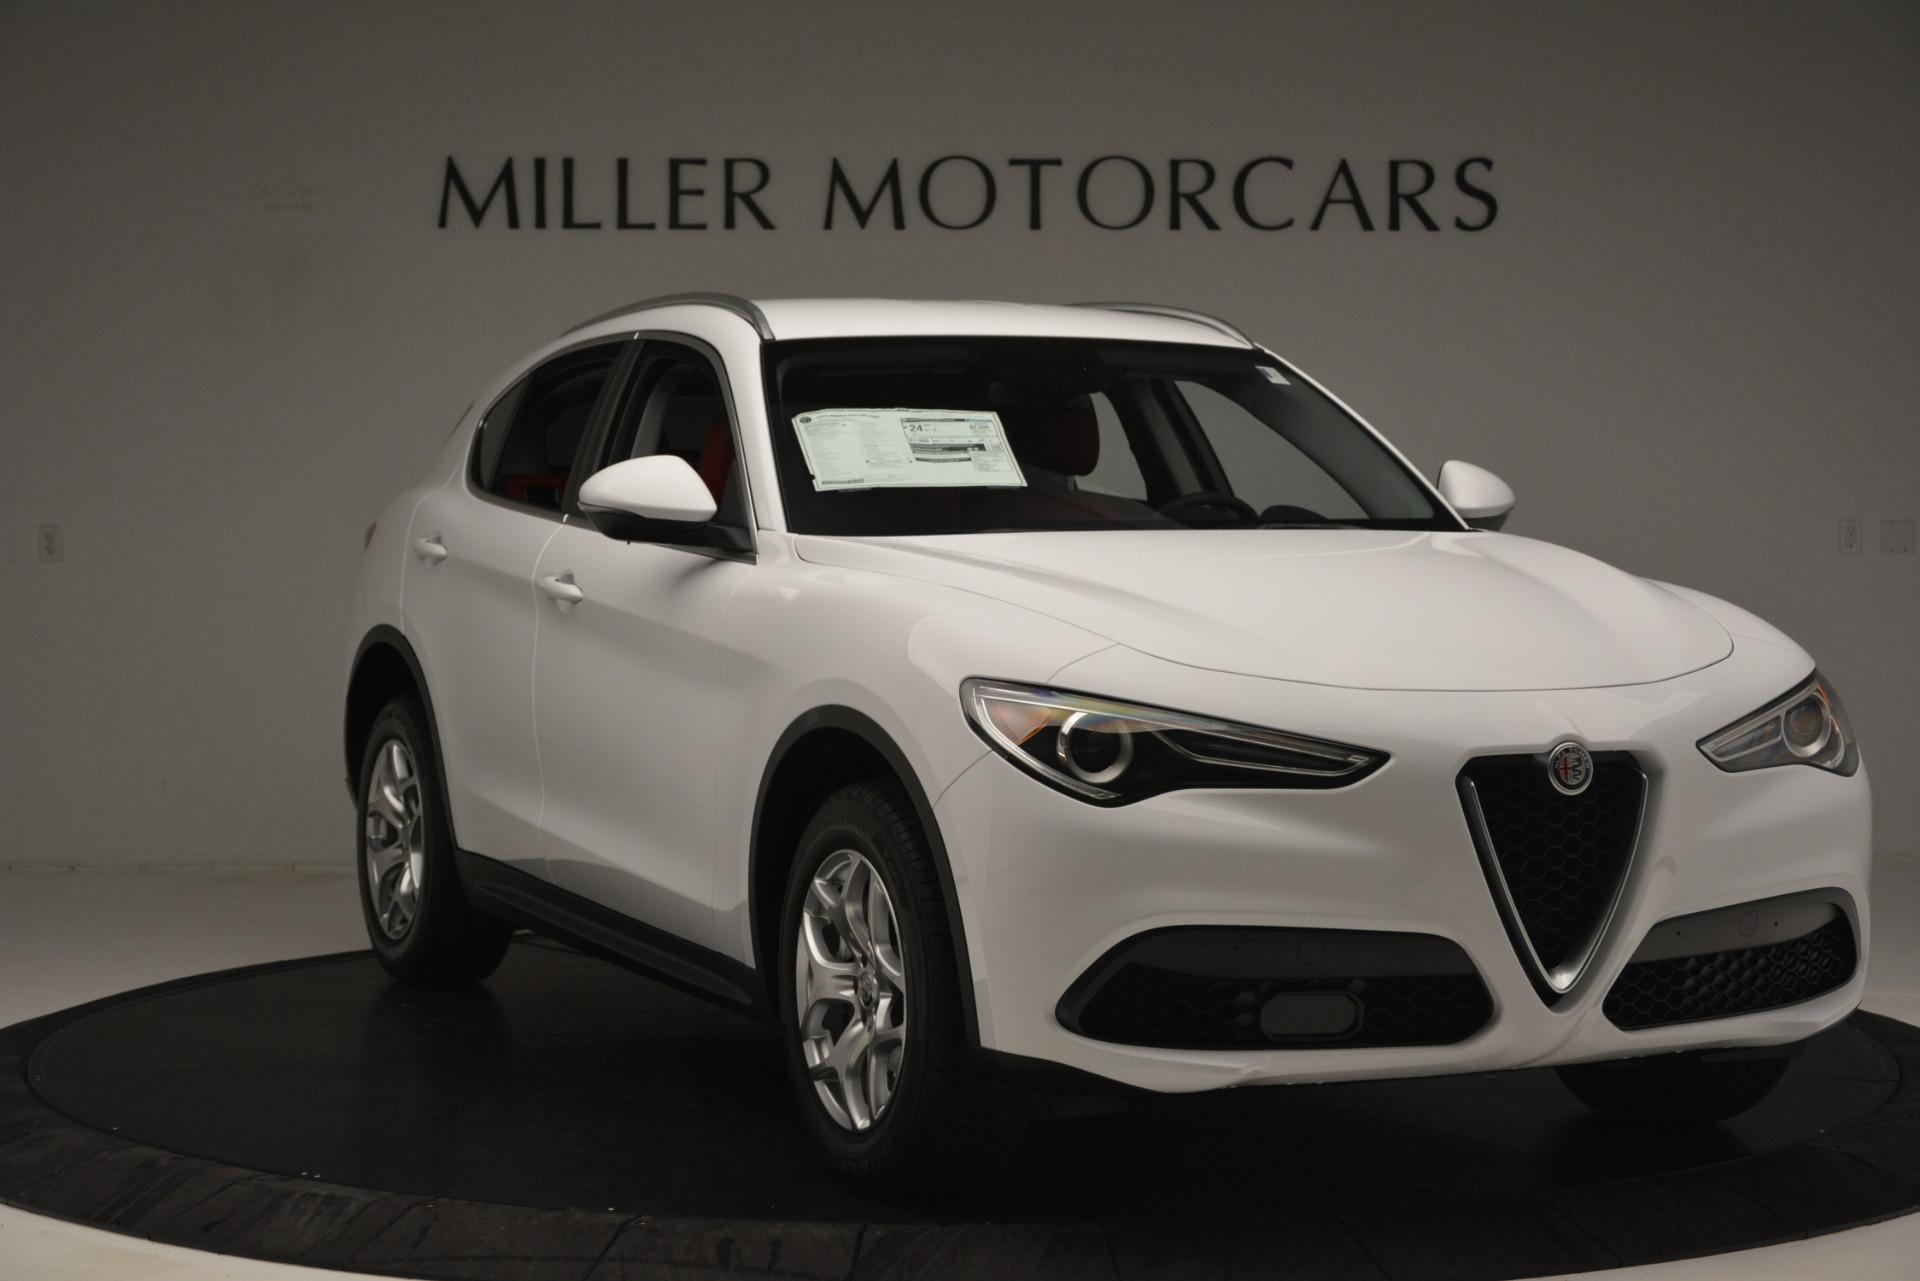 Alfa Romeo Lease >> Alfa Romeo Lease Specials Miller Motorcars New Alfa Romeo